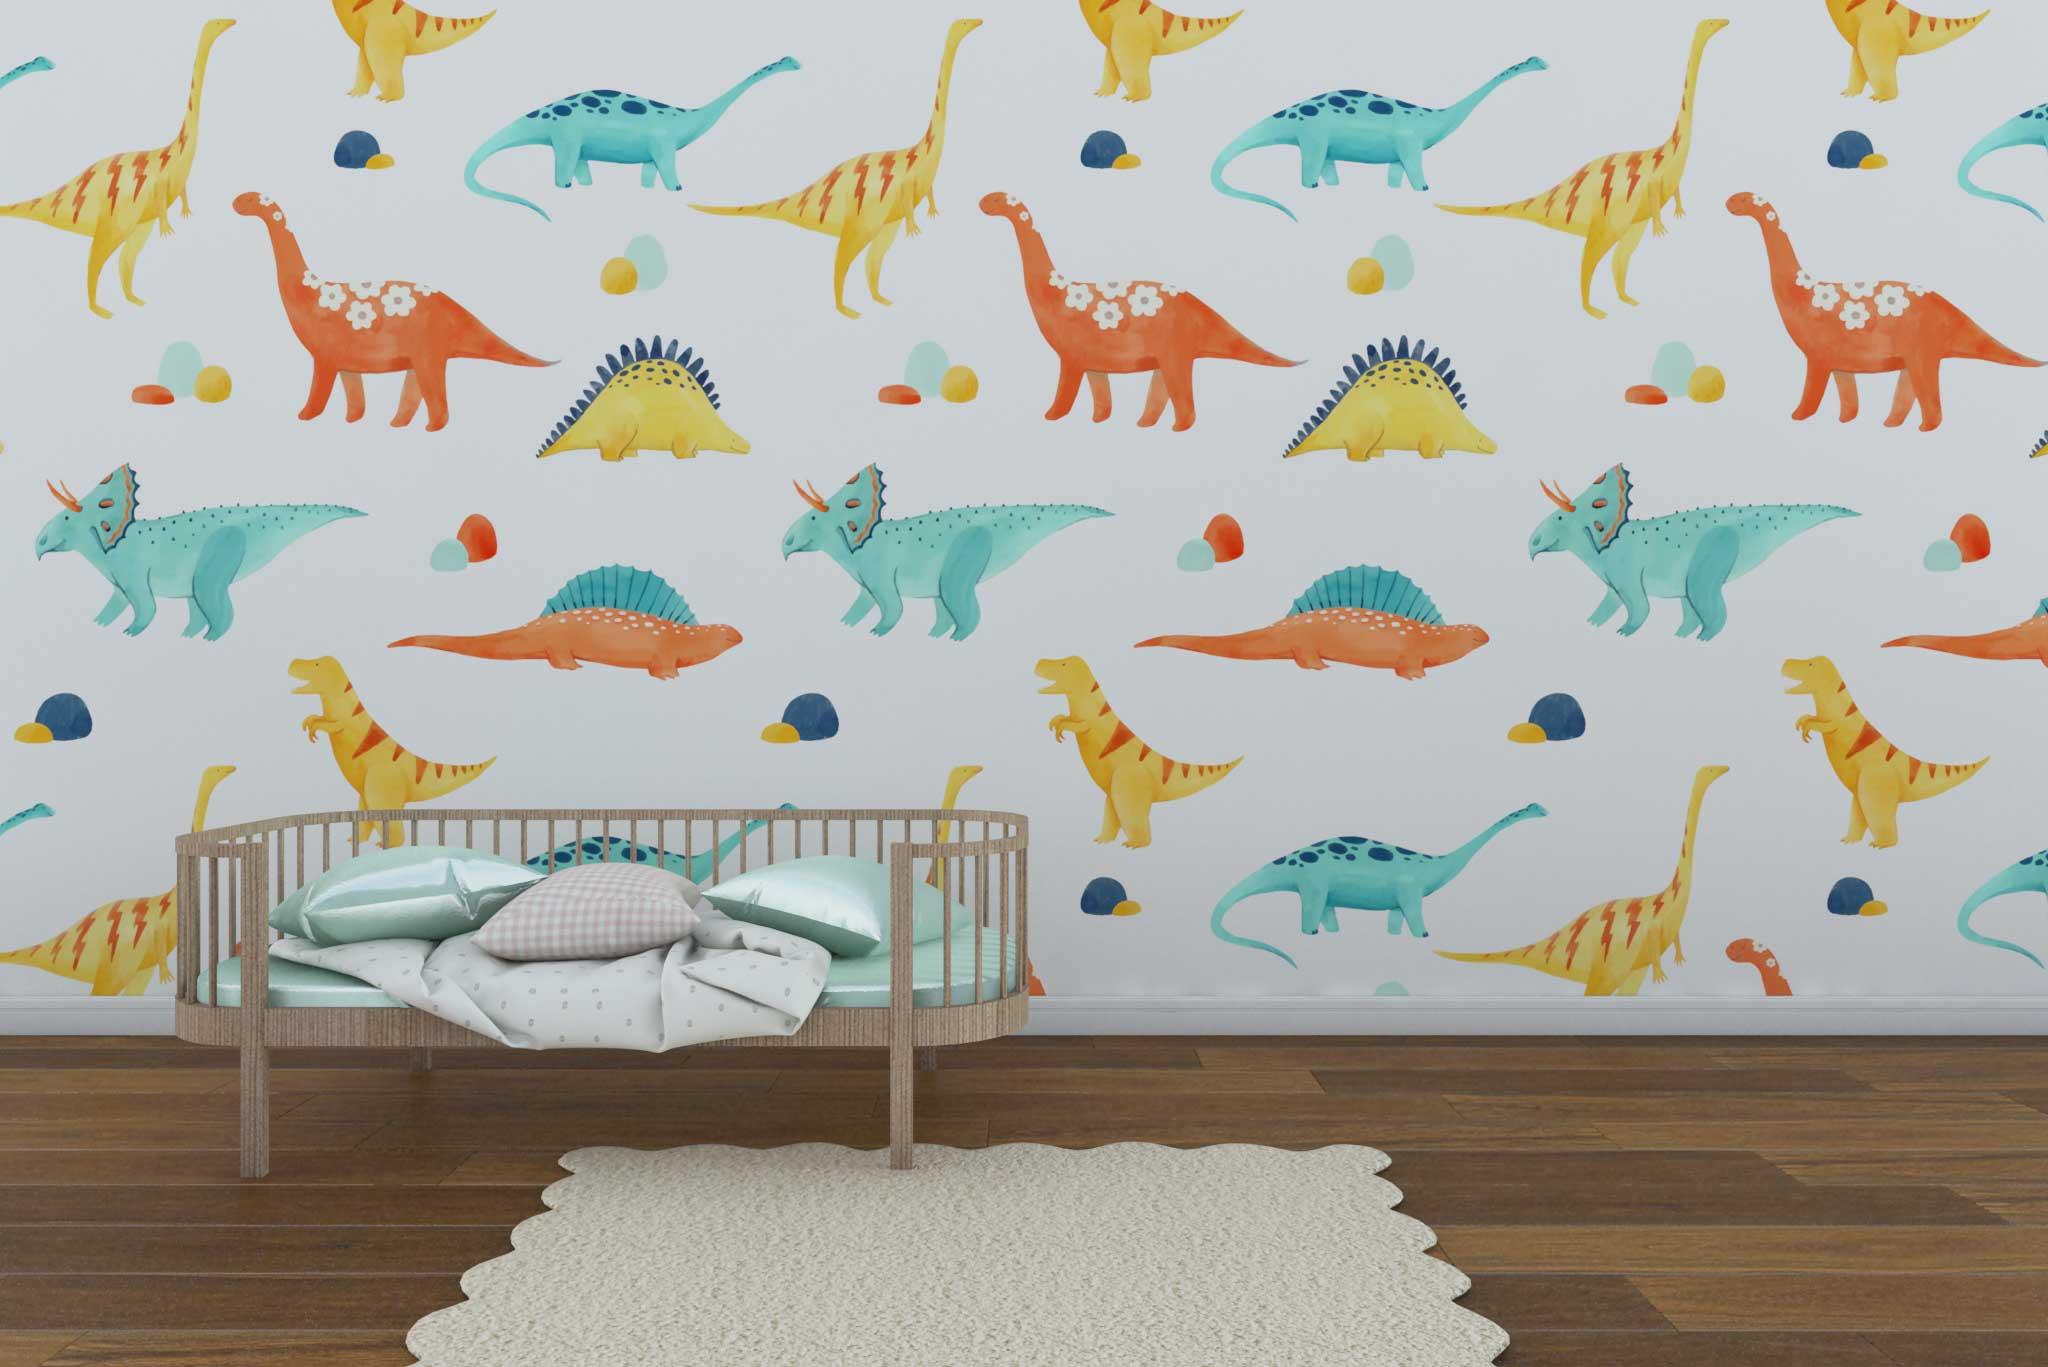 tapet-fototapet-comanda-personalizat-bucuresti-camera-dormitor-copii-model-desen-dinozauri-acuarela-multicolor